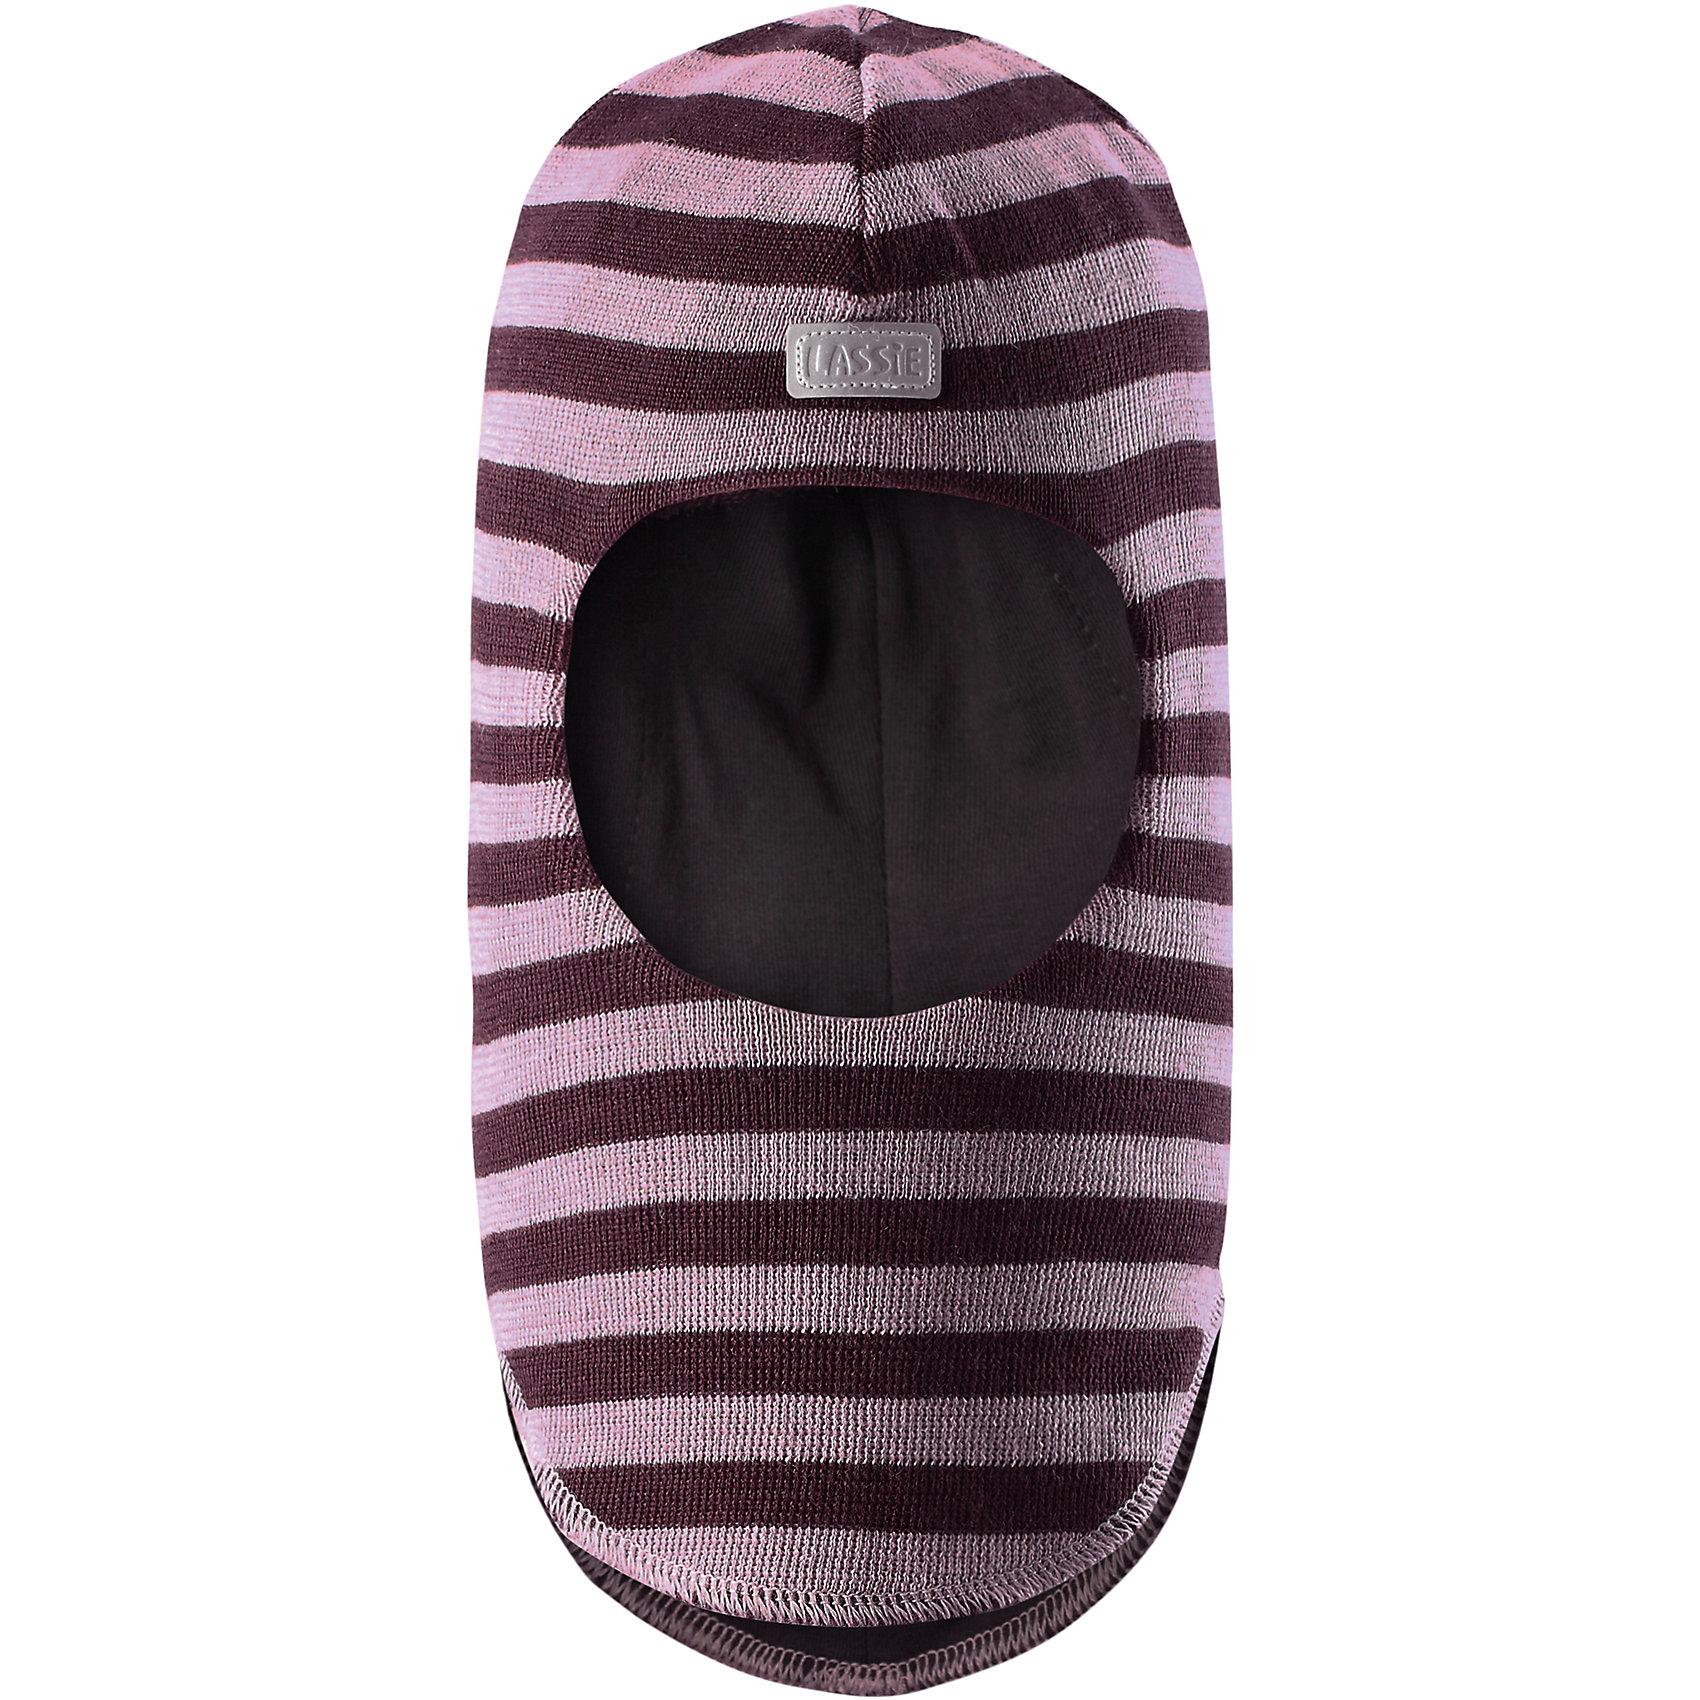 Шапка LASSIEШапки и шарфы<br>Шапка-шлем для малышей известной финской марки.<br><br>- Мягкая и теплая ткань из смеси шерсти.<br>- Ветронепроницаемые вставки в области ушей.<br>- Мягкая подкладка из хлопка и эластана. <br>- Узор из цветных полос. <br>- Светоотражающая эмблема Lassie® спереди.<br><br> Рекомендации по уходу: Придать первоначальную форму вo влажном виде. Возможна усадка 5 %.<br><br>Состав: 50% Шерсть, 50% полиакрил.<br><br>Ширина мм: 89<br>Глубина мм: 117<br>Высота мм: 44<br>Вес г: 155<br>Цвет: темно-розовый<br>Возраст от месяцев: 6<br>Возраст до месяцев: 12<br>Пол: Женский<br>Возраст: Детский<br>Размер: 44-46,54-56,50-52,46-48<br>SKU: 4780999